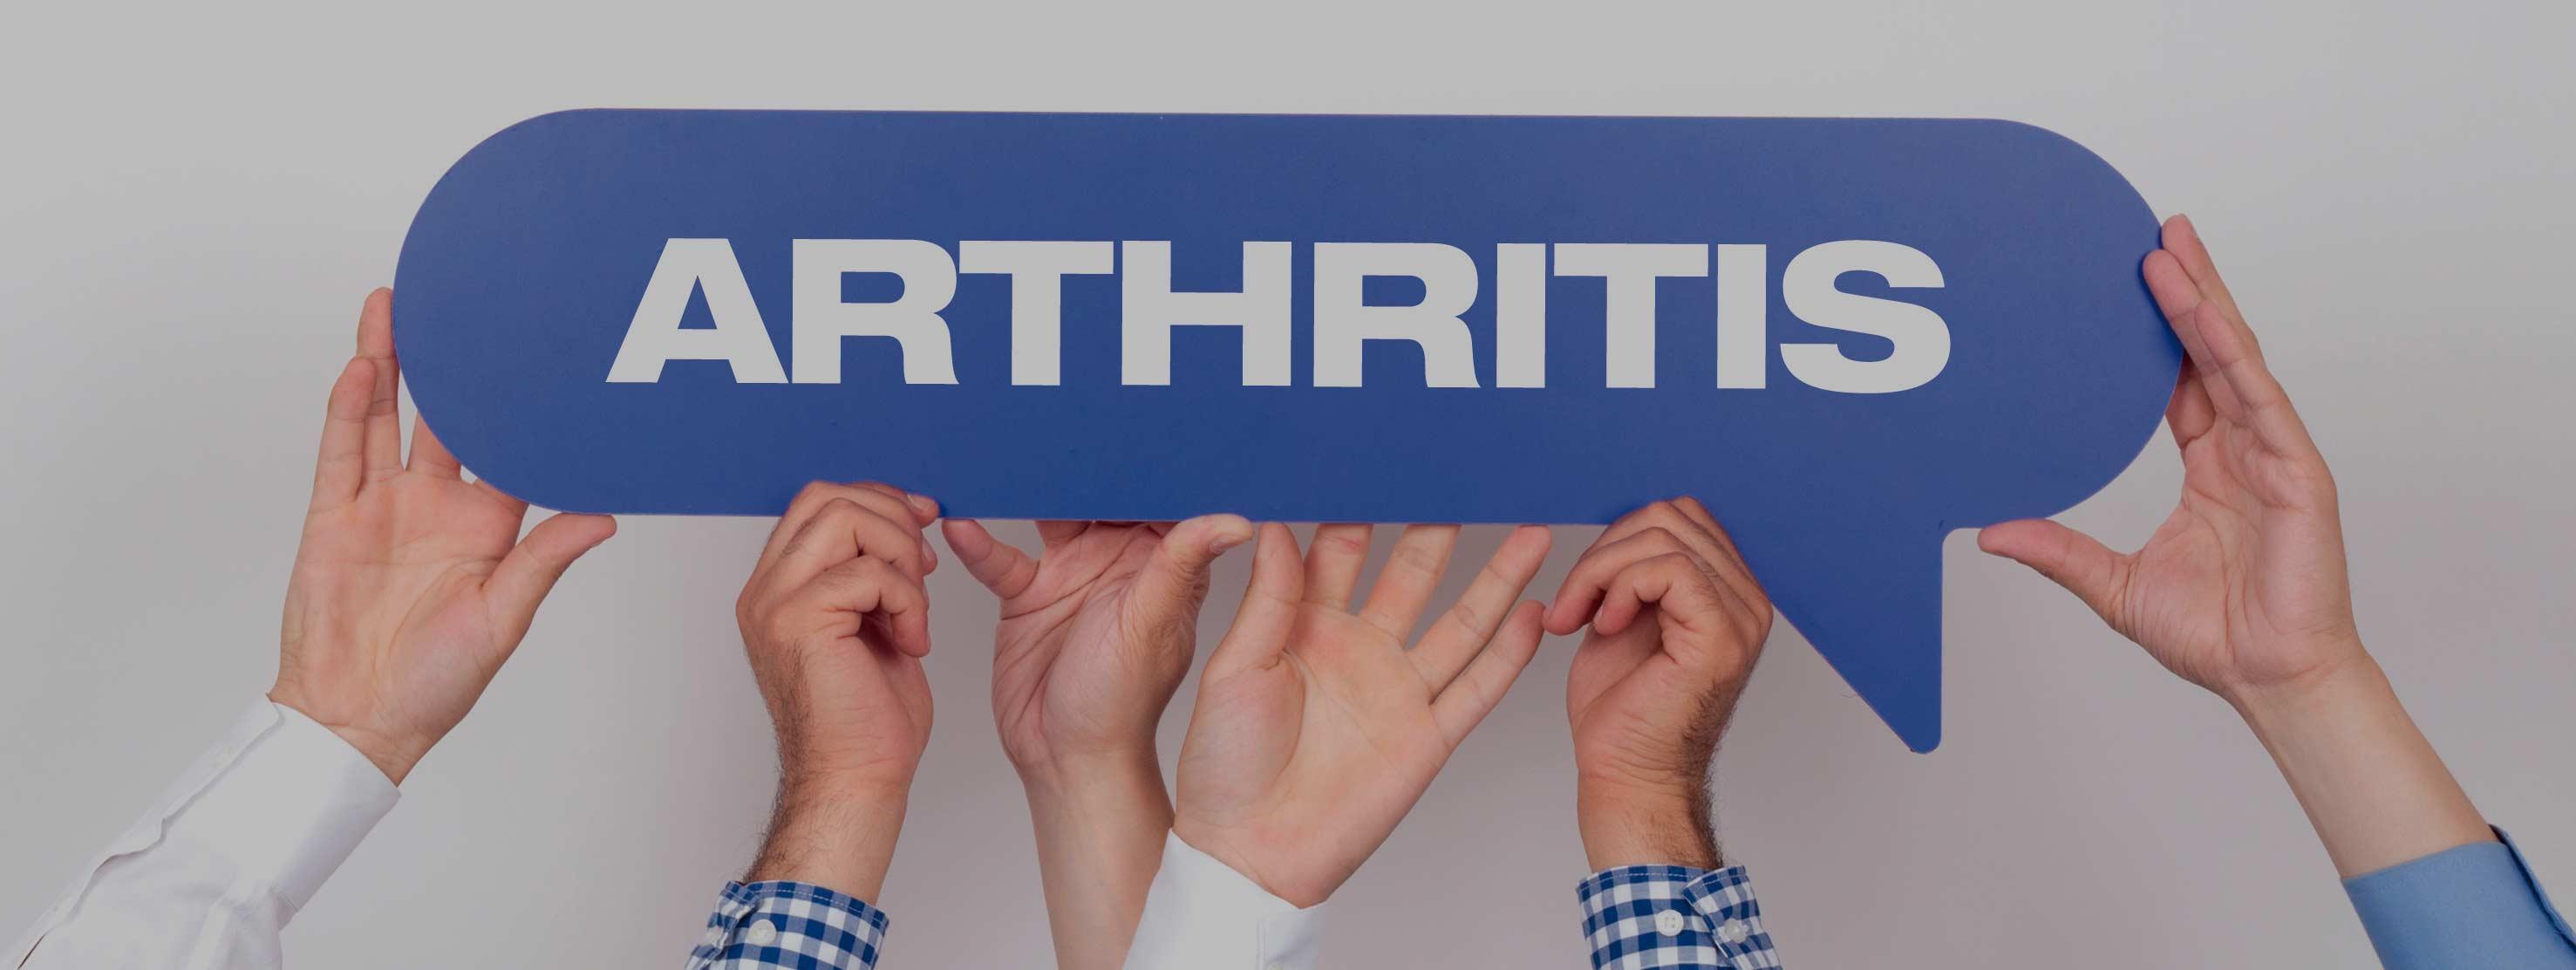 Артрит – как распознать и подобрать быстрое и эффективное лечение артрита в лучших клиниках Германии